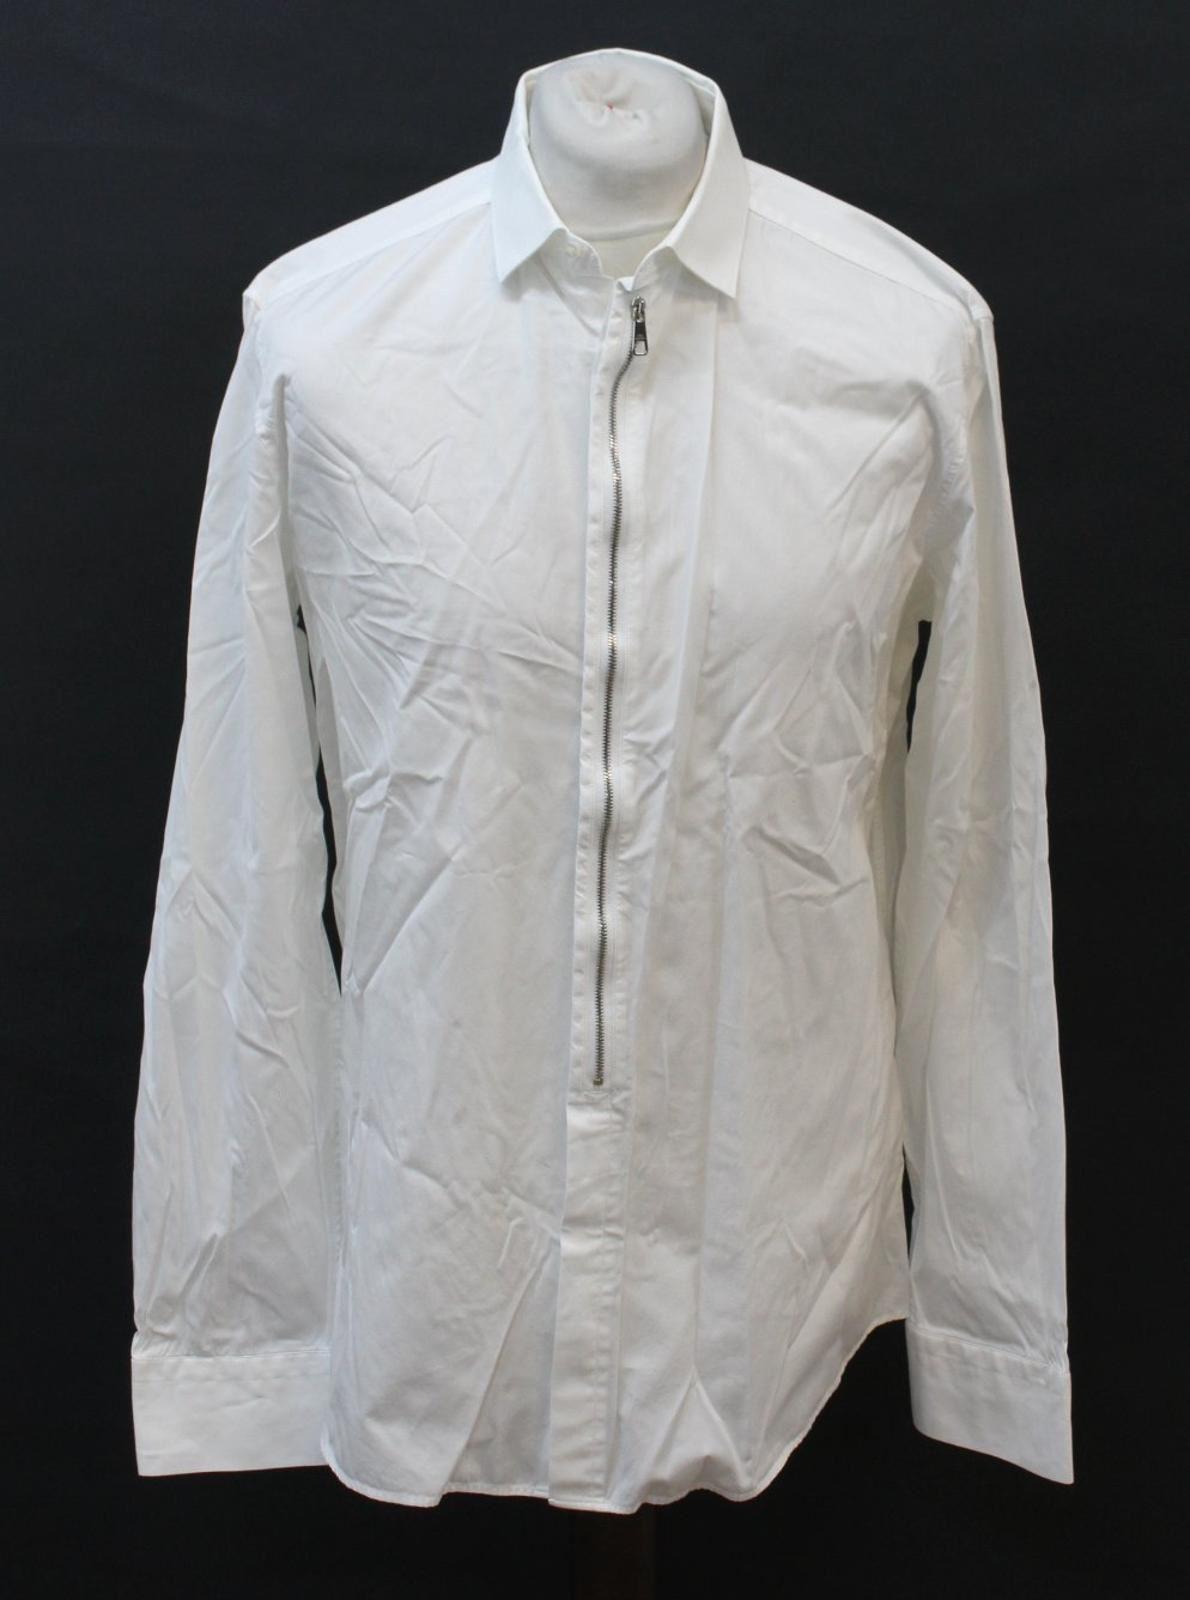 Neil-Barrett-para-hombre-calce-cenido-de-algodon-Blanco-Detalle-De-Cremallera-Botones-Camisa-Cuello